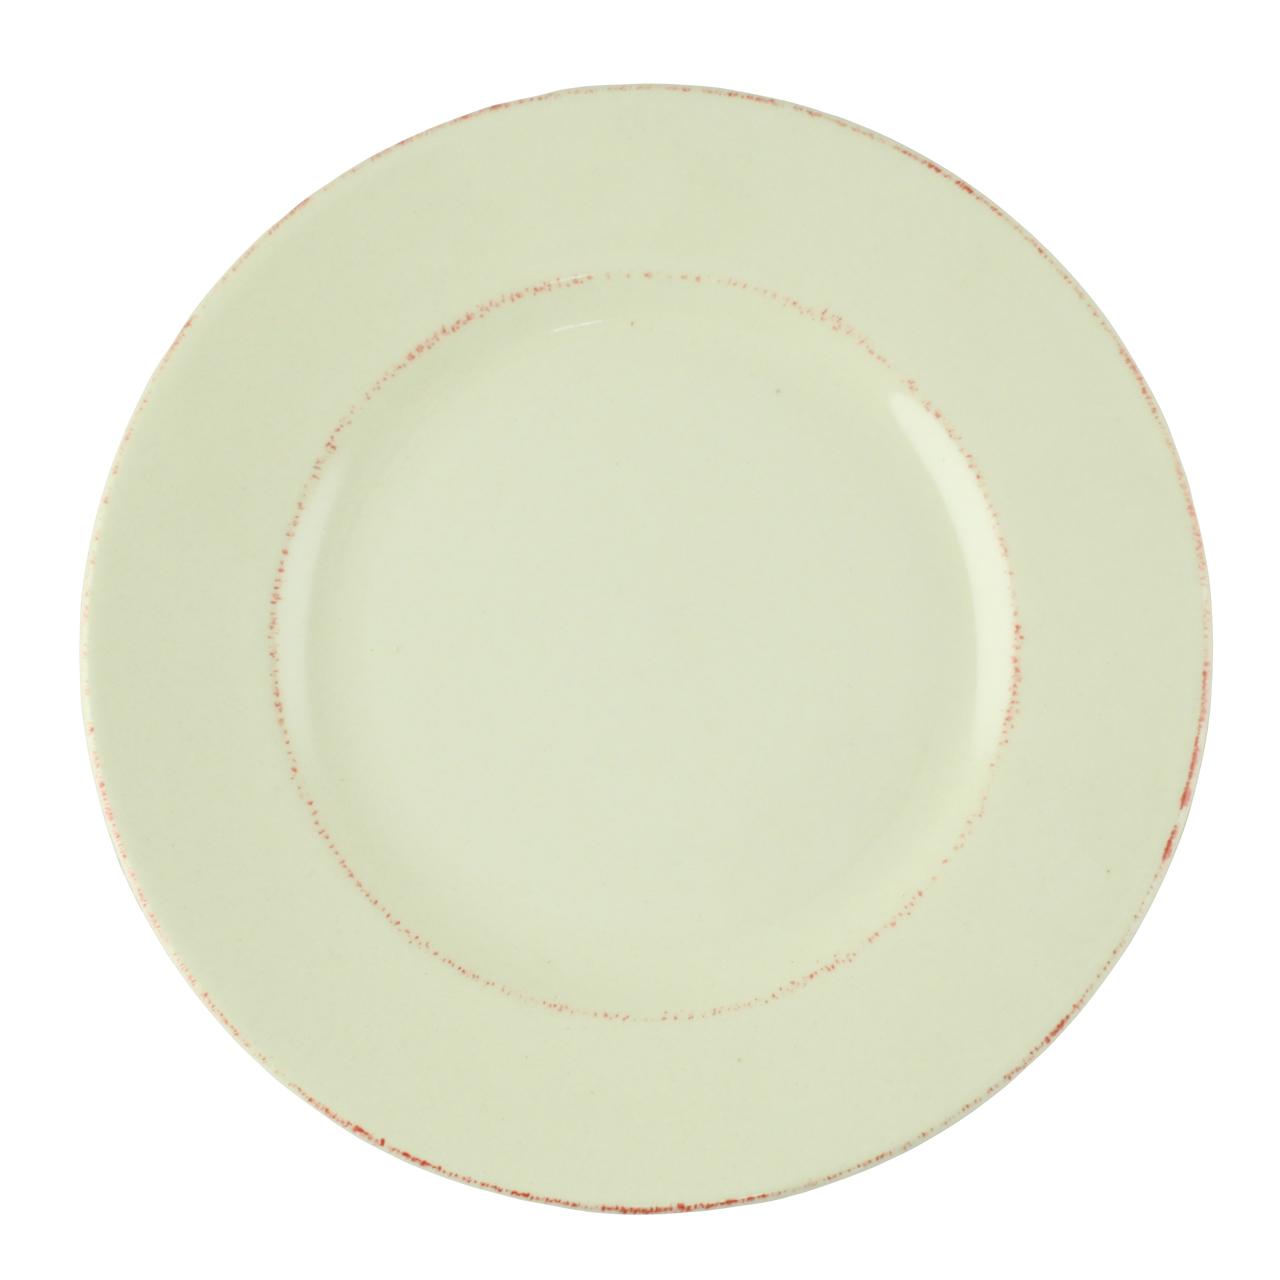 Farfurie Rustica Din Ceramica Crem 20 Cm